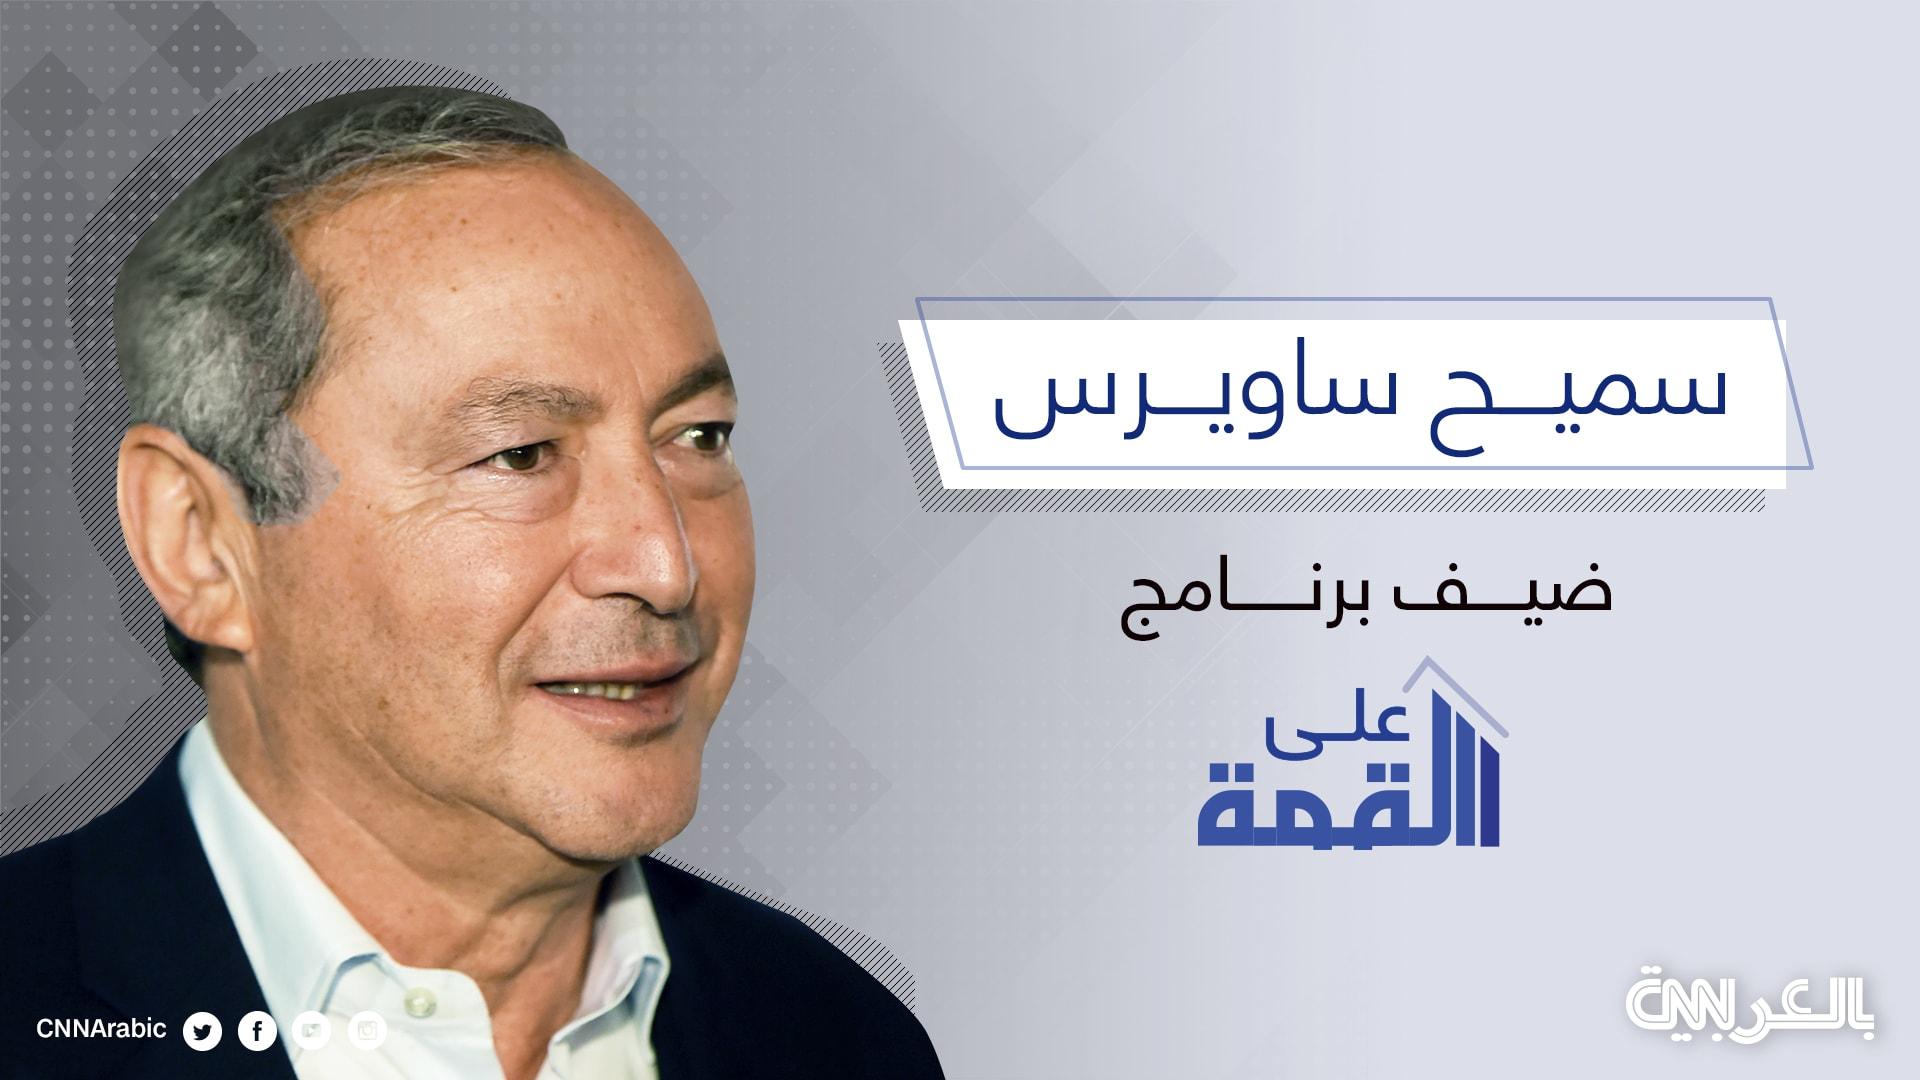 على القمة في أسبوع.. سميح ساويرس يقدم لنا خلاصة نصائحه وتجاربه